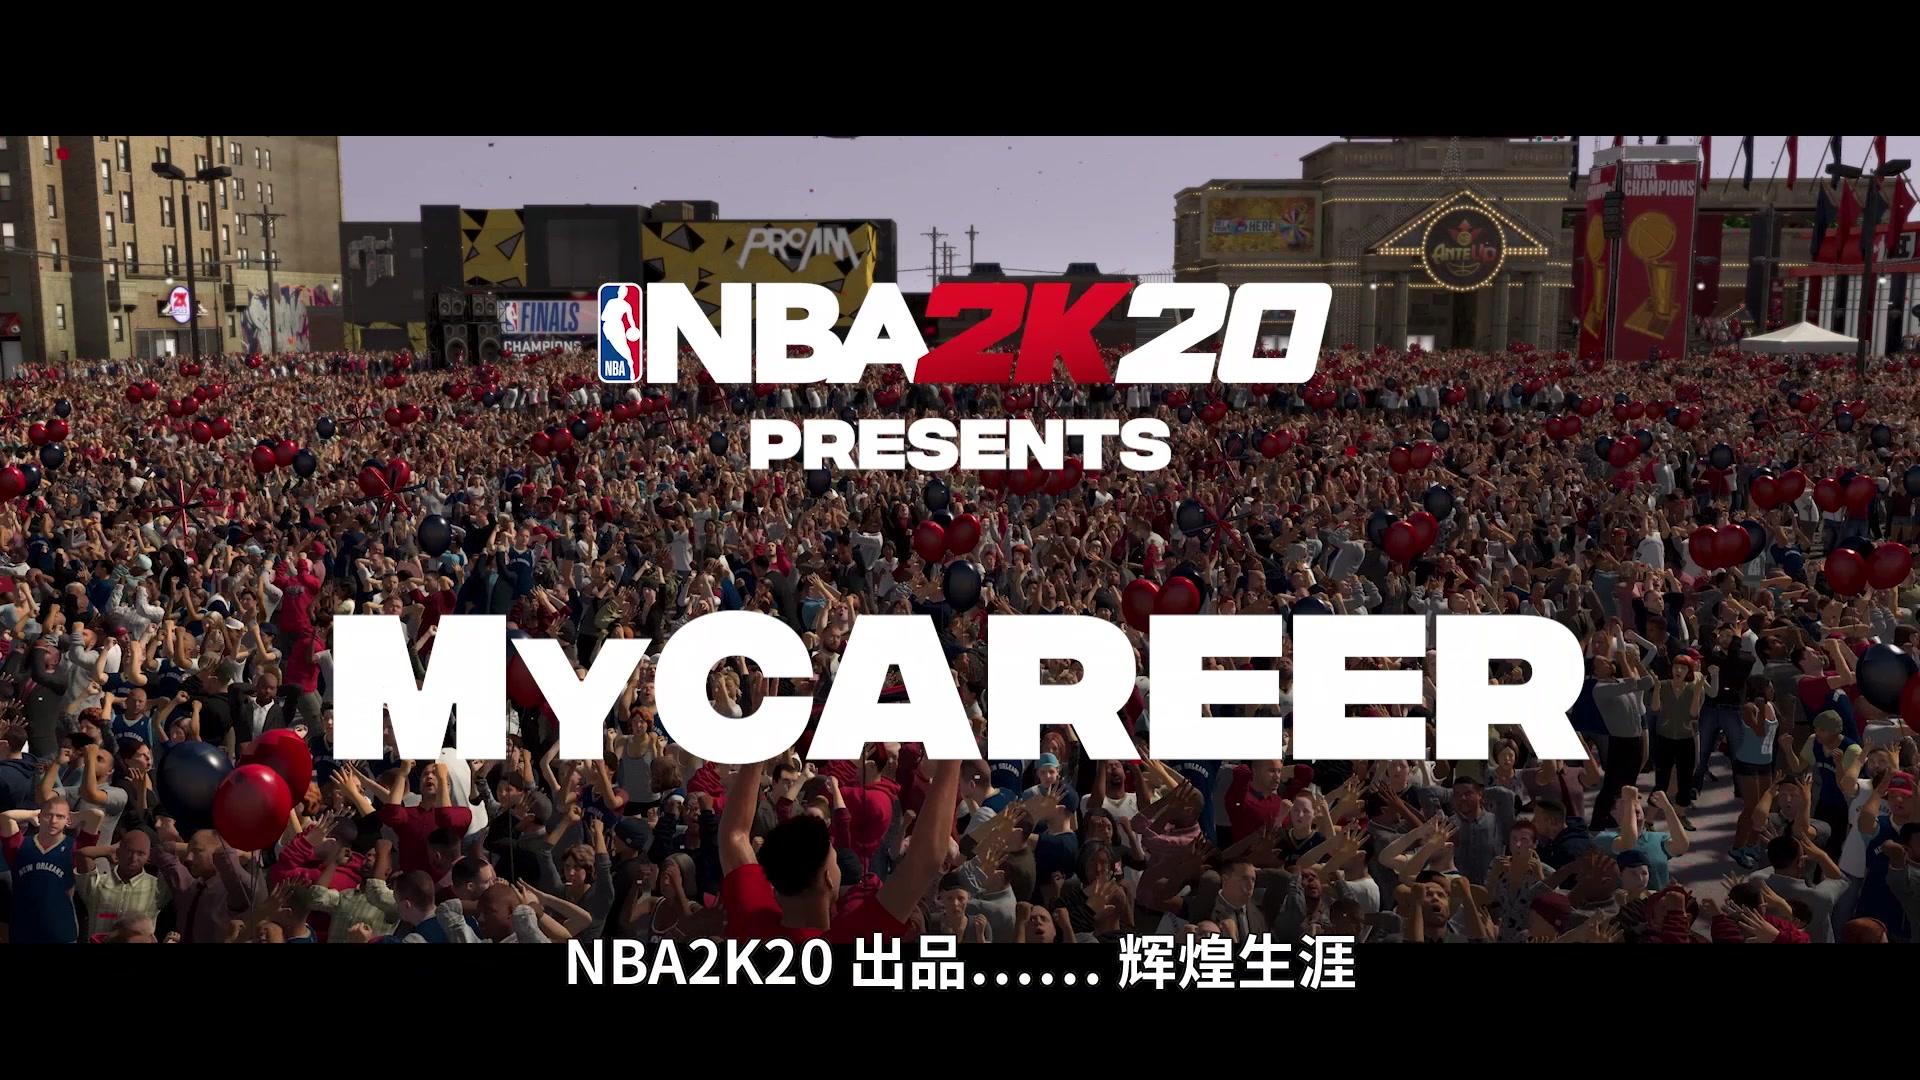 全新辉煌模式展示 《NBA 2K20》Demo试玩推出